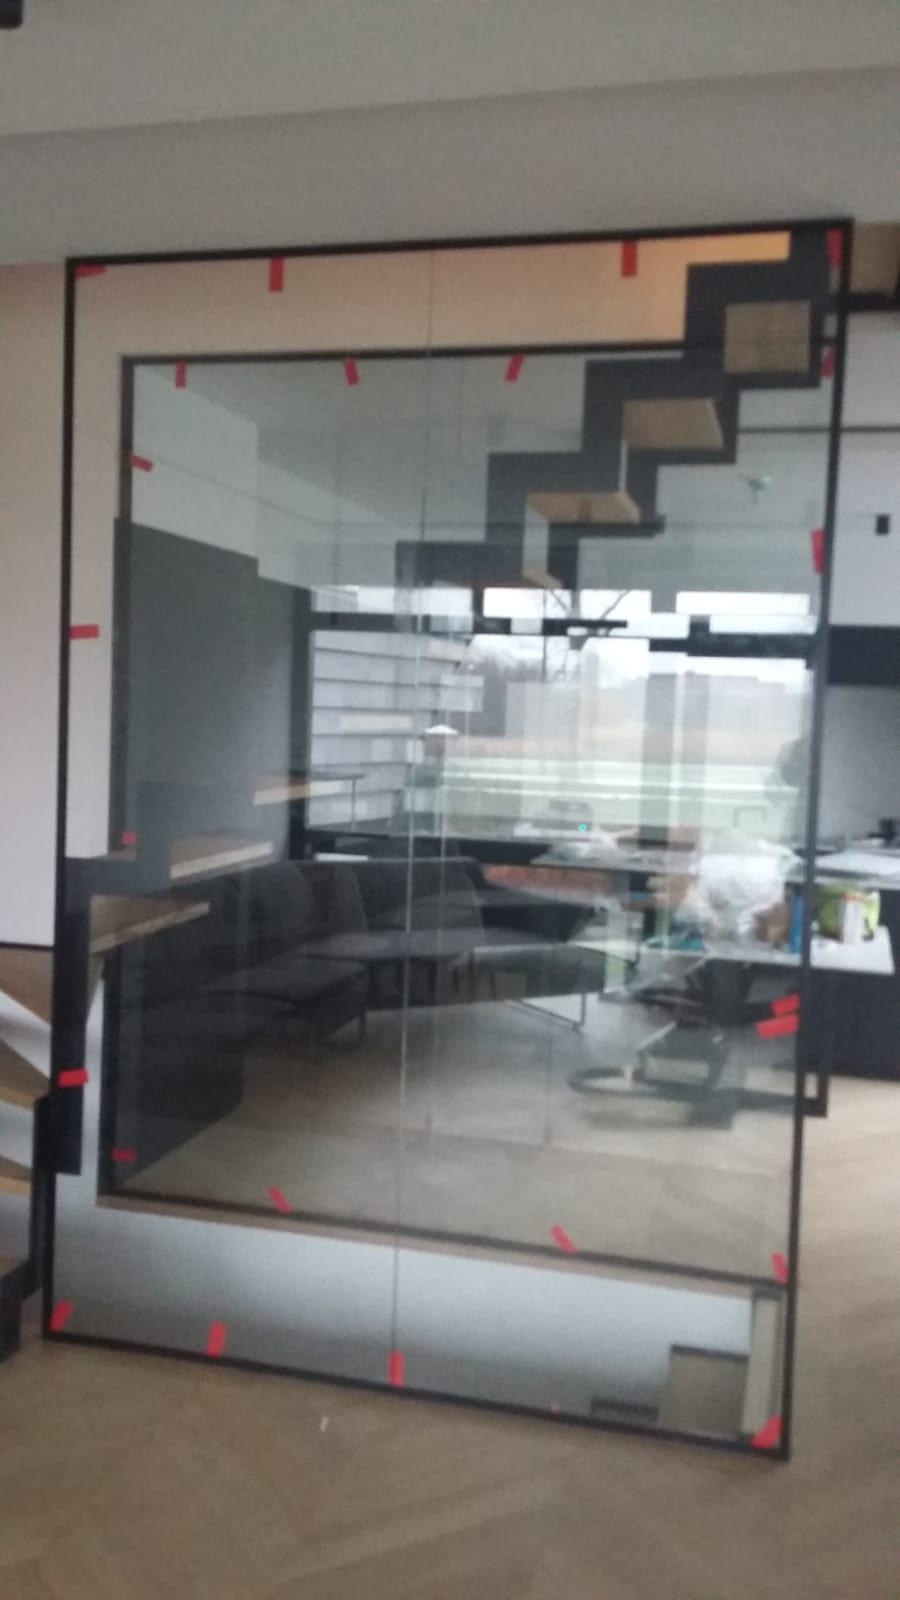 Afscheiding glas trap